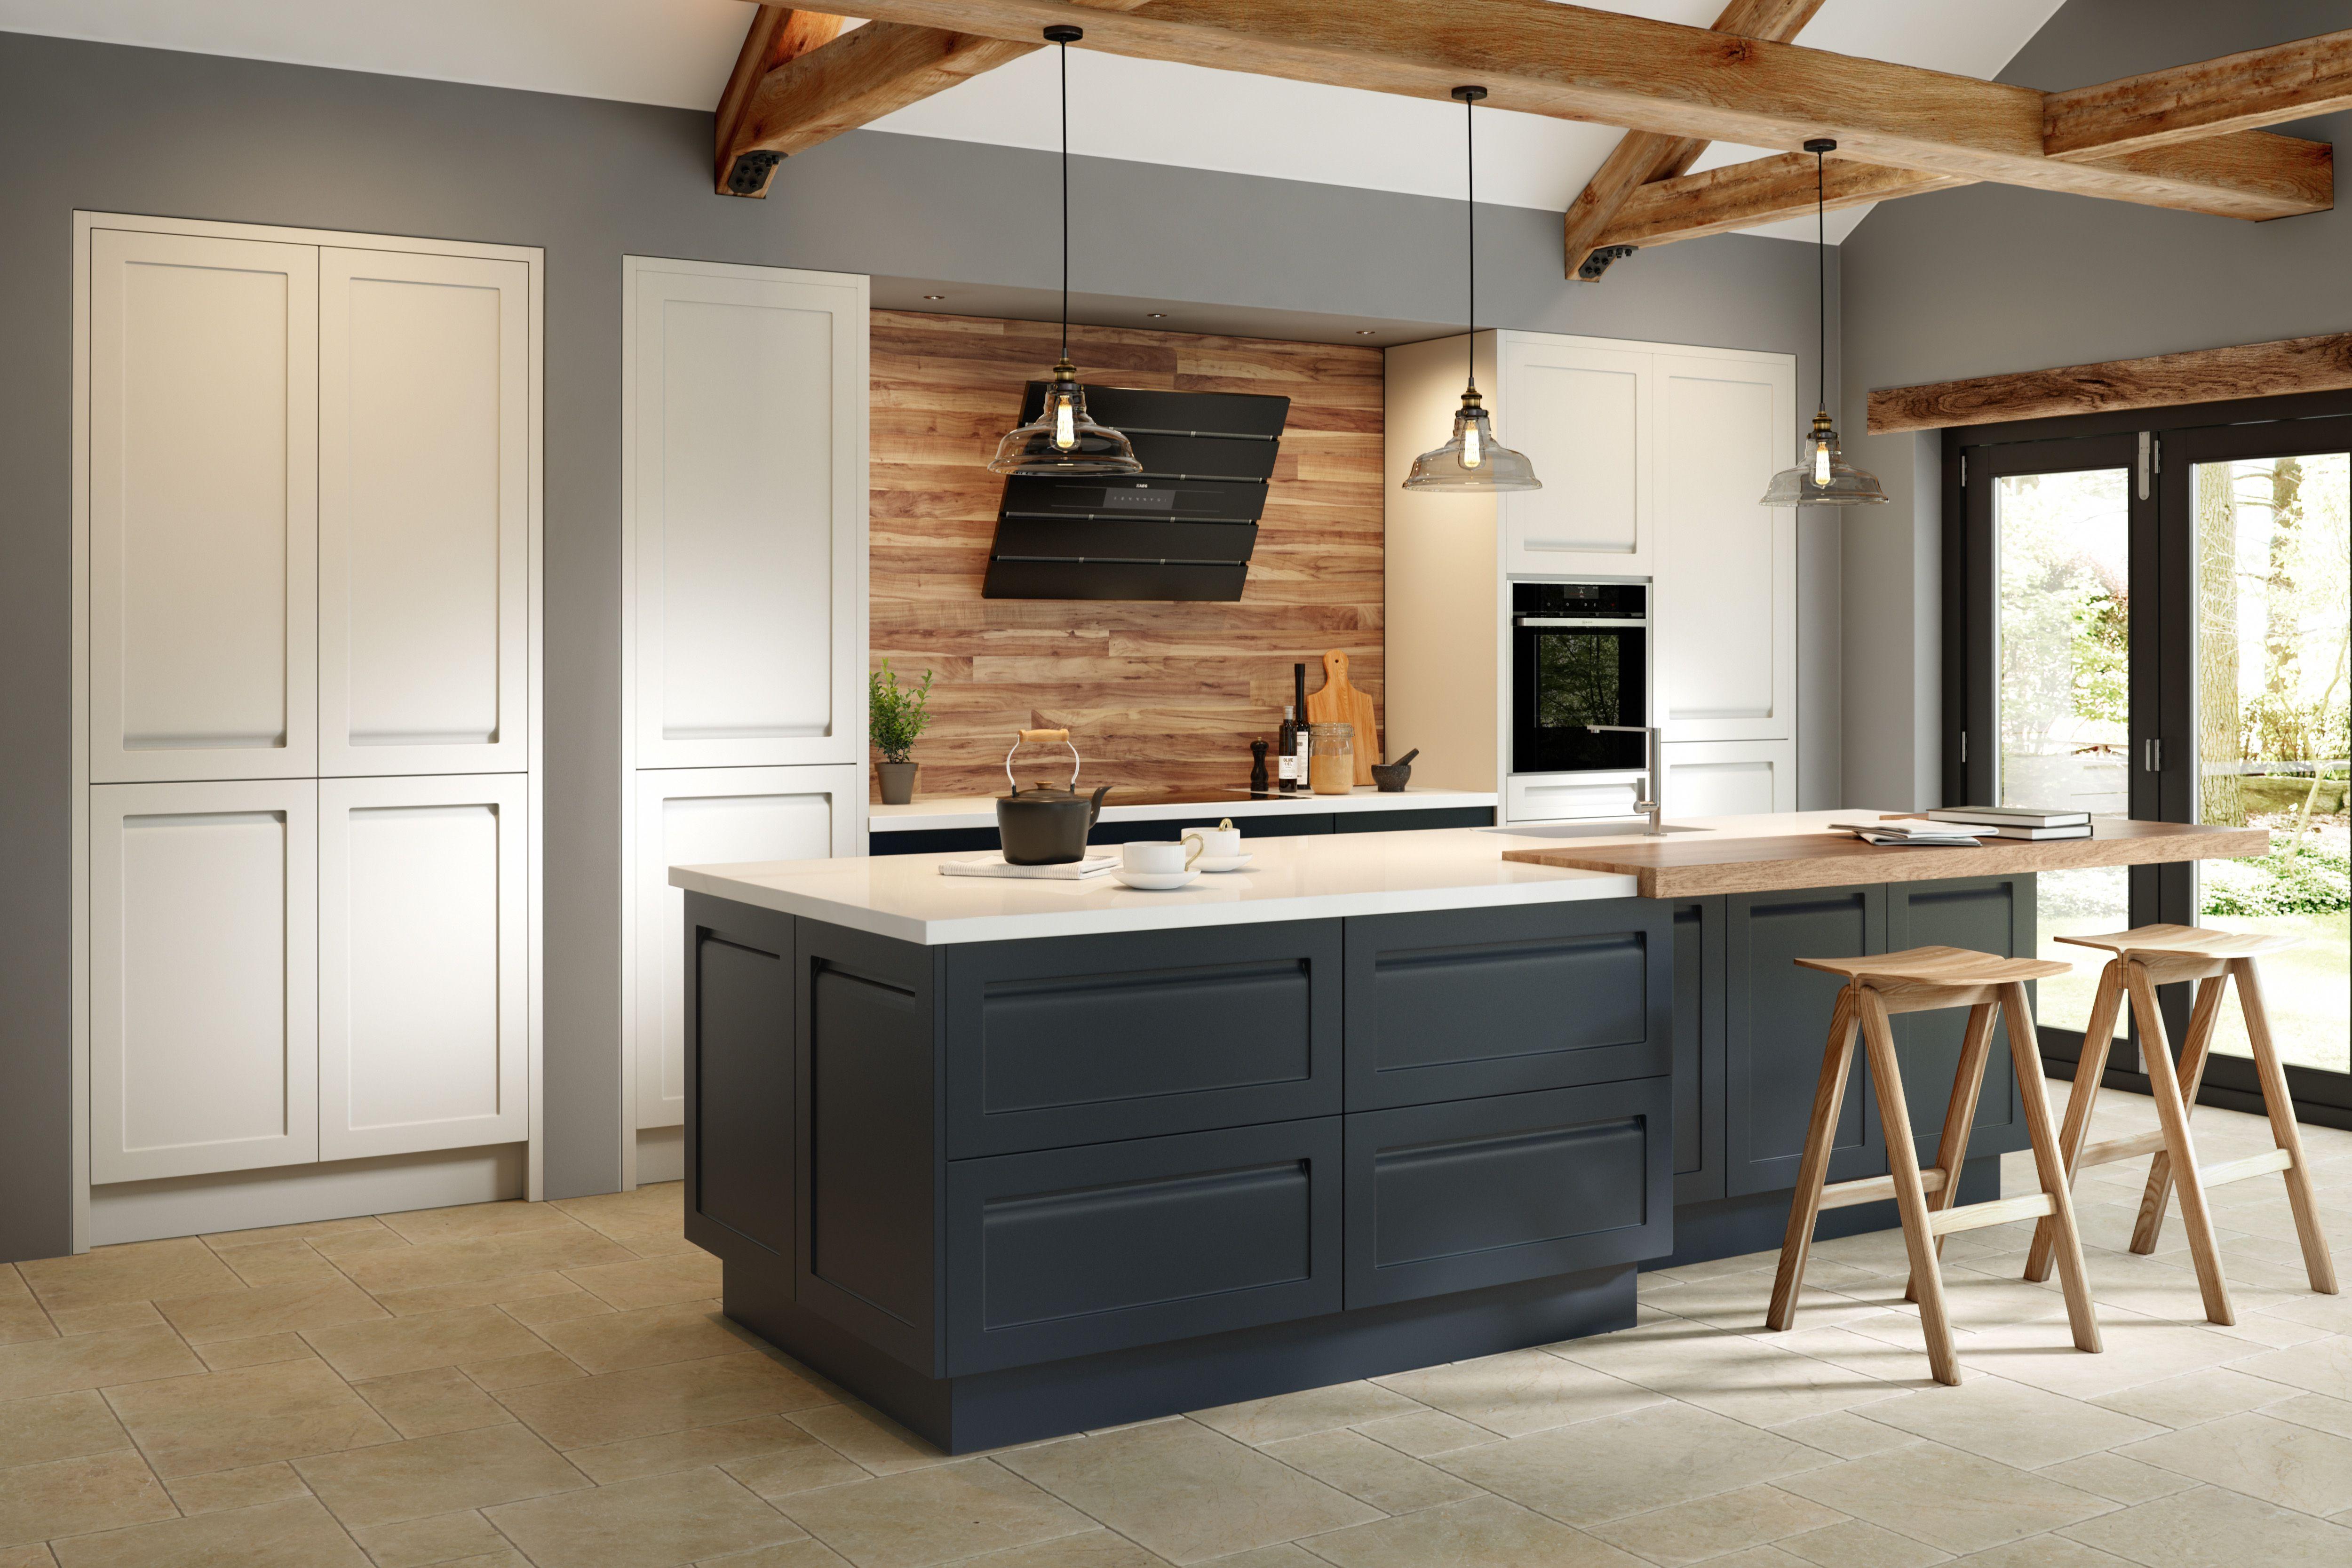 Fantastisch Klassische Küchen Whitby Ideen - Küchen Design Ideen ...